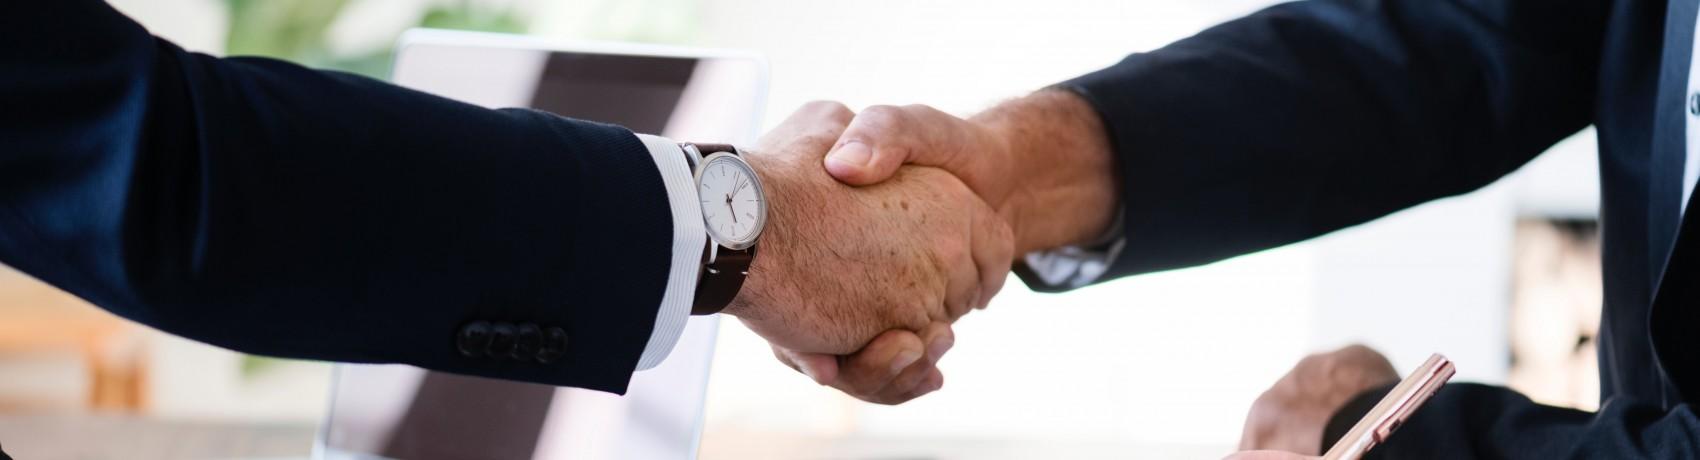 Bild zeigt zwei Sportmanager, die sich die Hand geben und anscheinend eine Kooperation eingegangen sind.